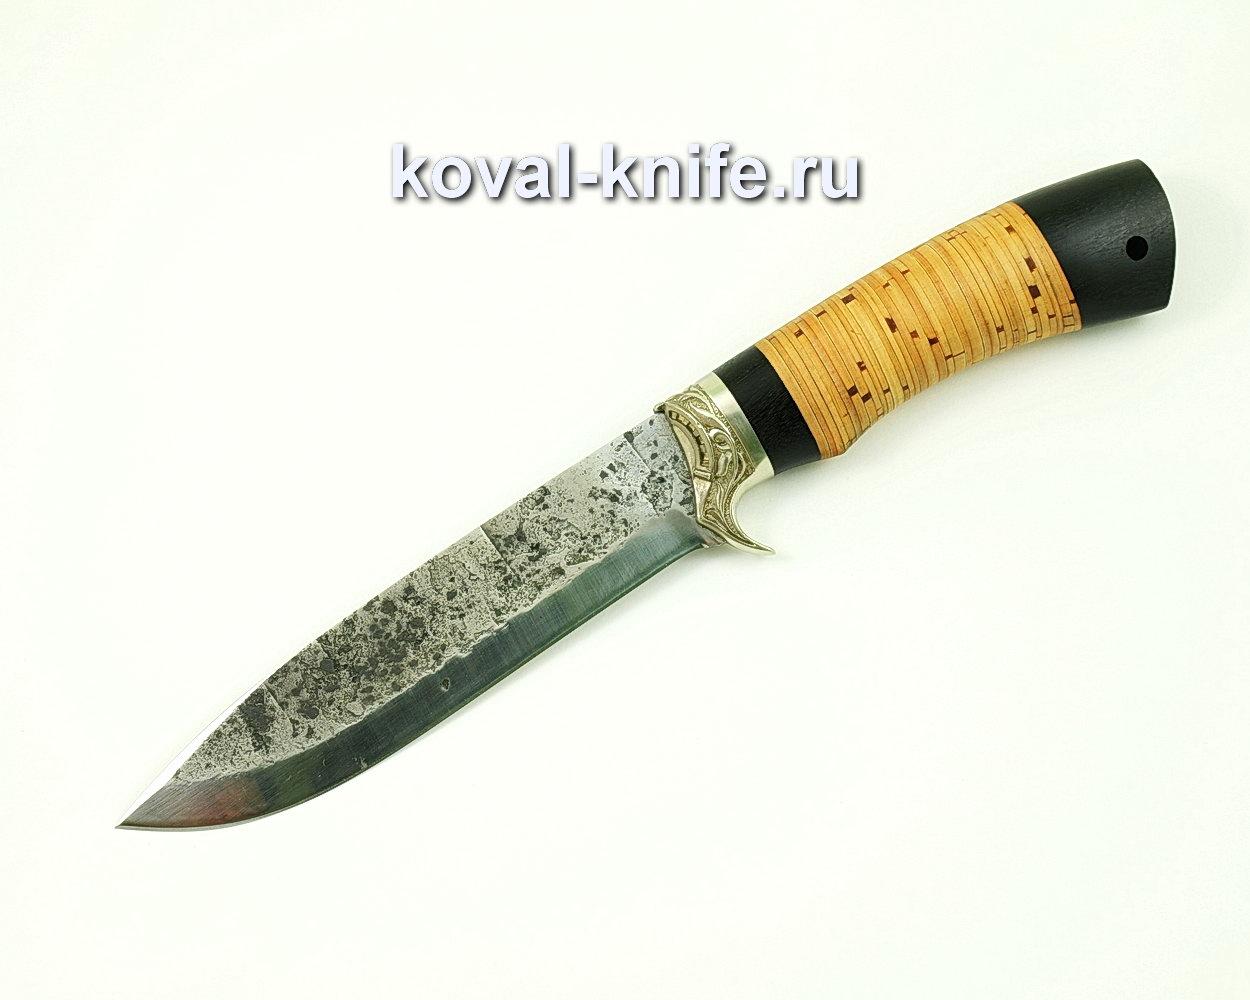 Нож Олимп из стали 9хс (рукоять береста, граб)